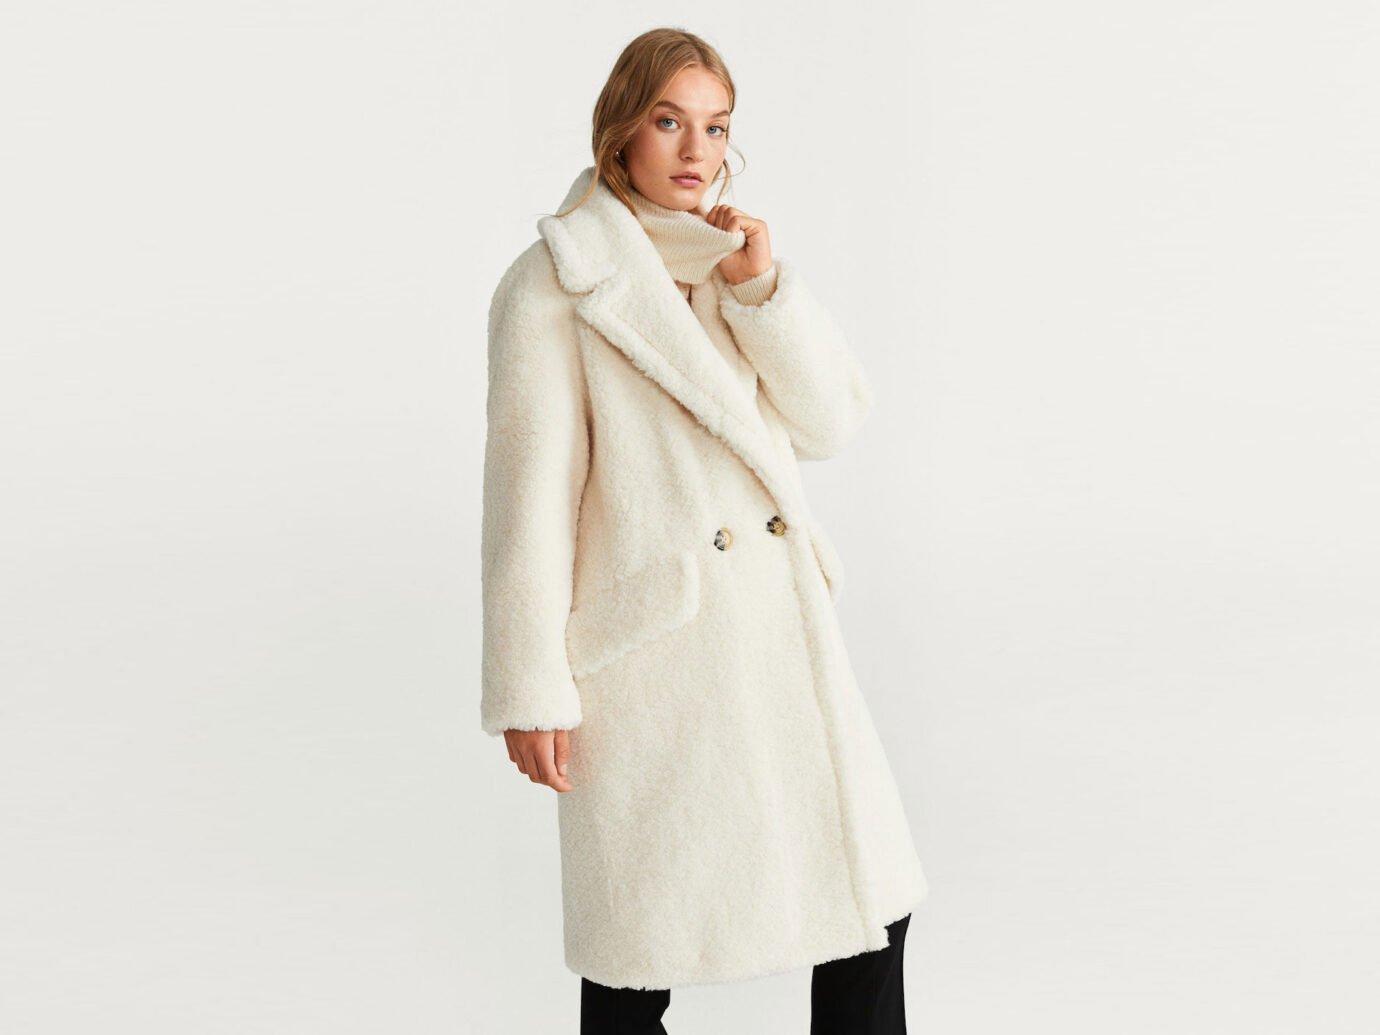 Damen Mantel kaufen - Der Winter Outfit geht auch stylisch!